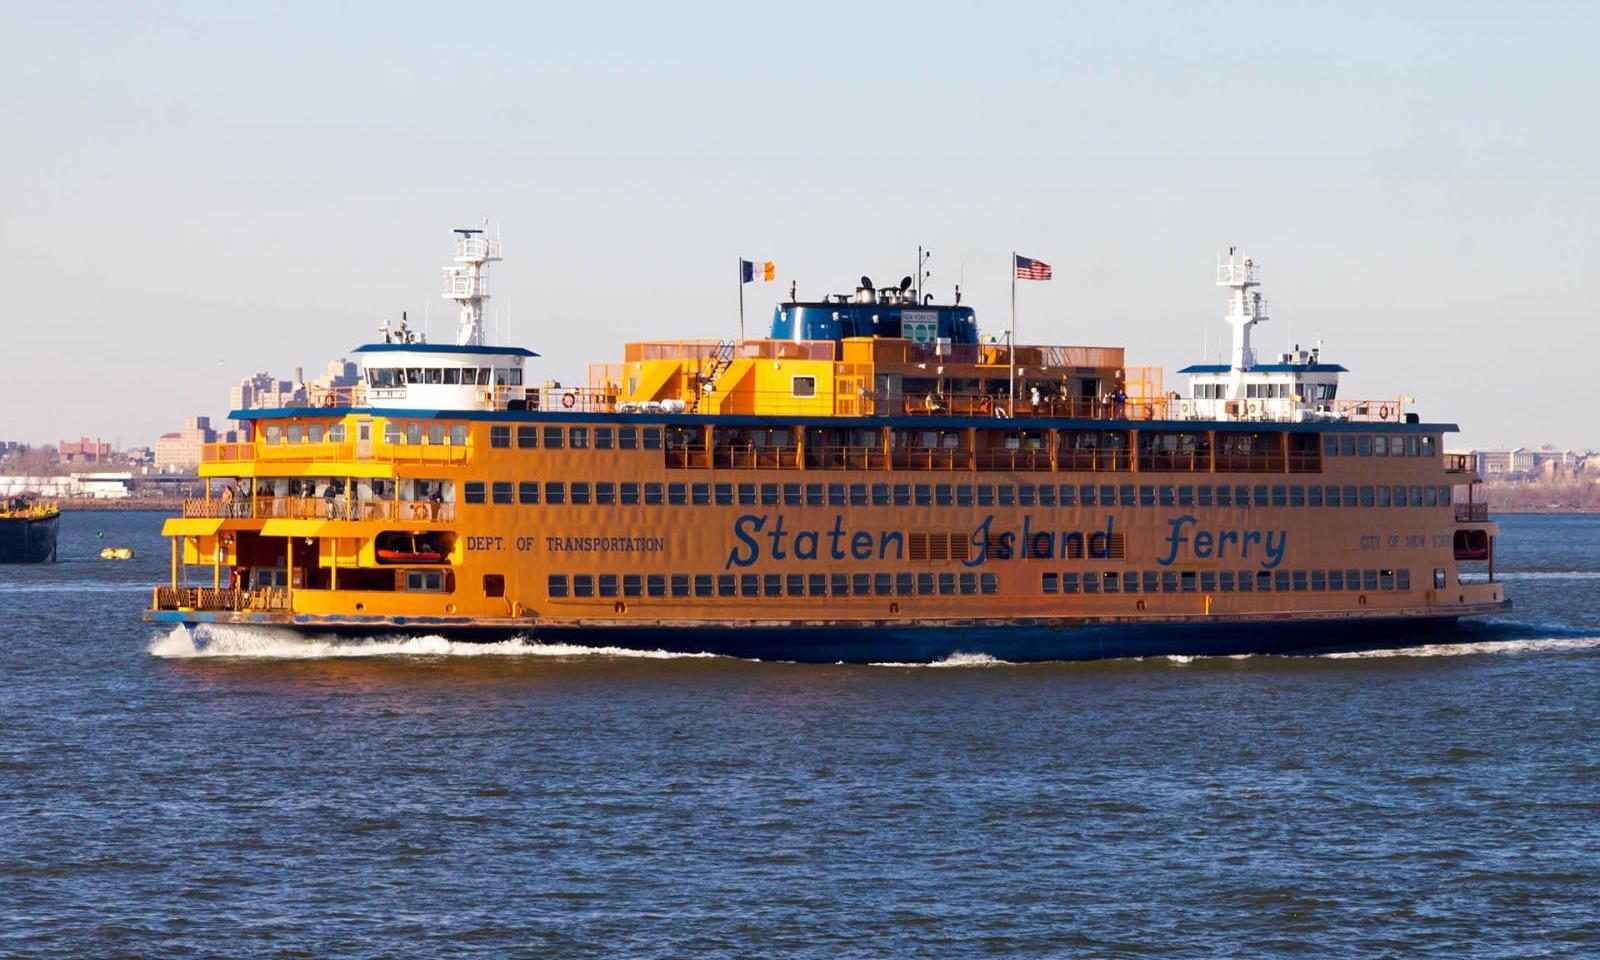 Die Staten Island Ferry Eine Beliebte Touristenattraktion